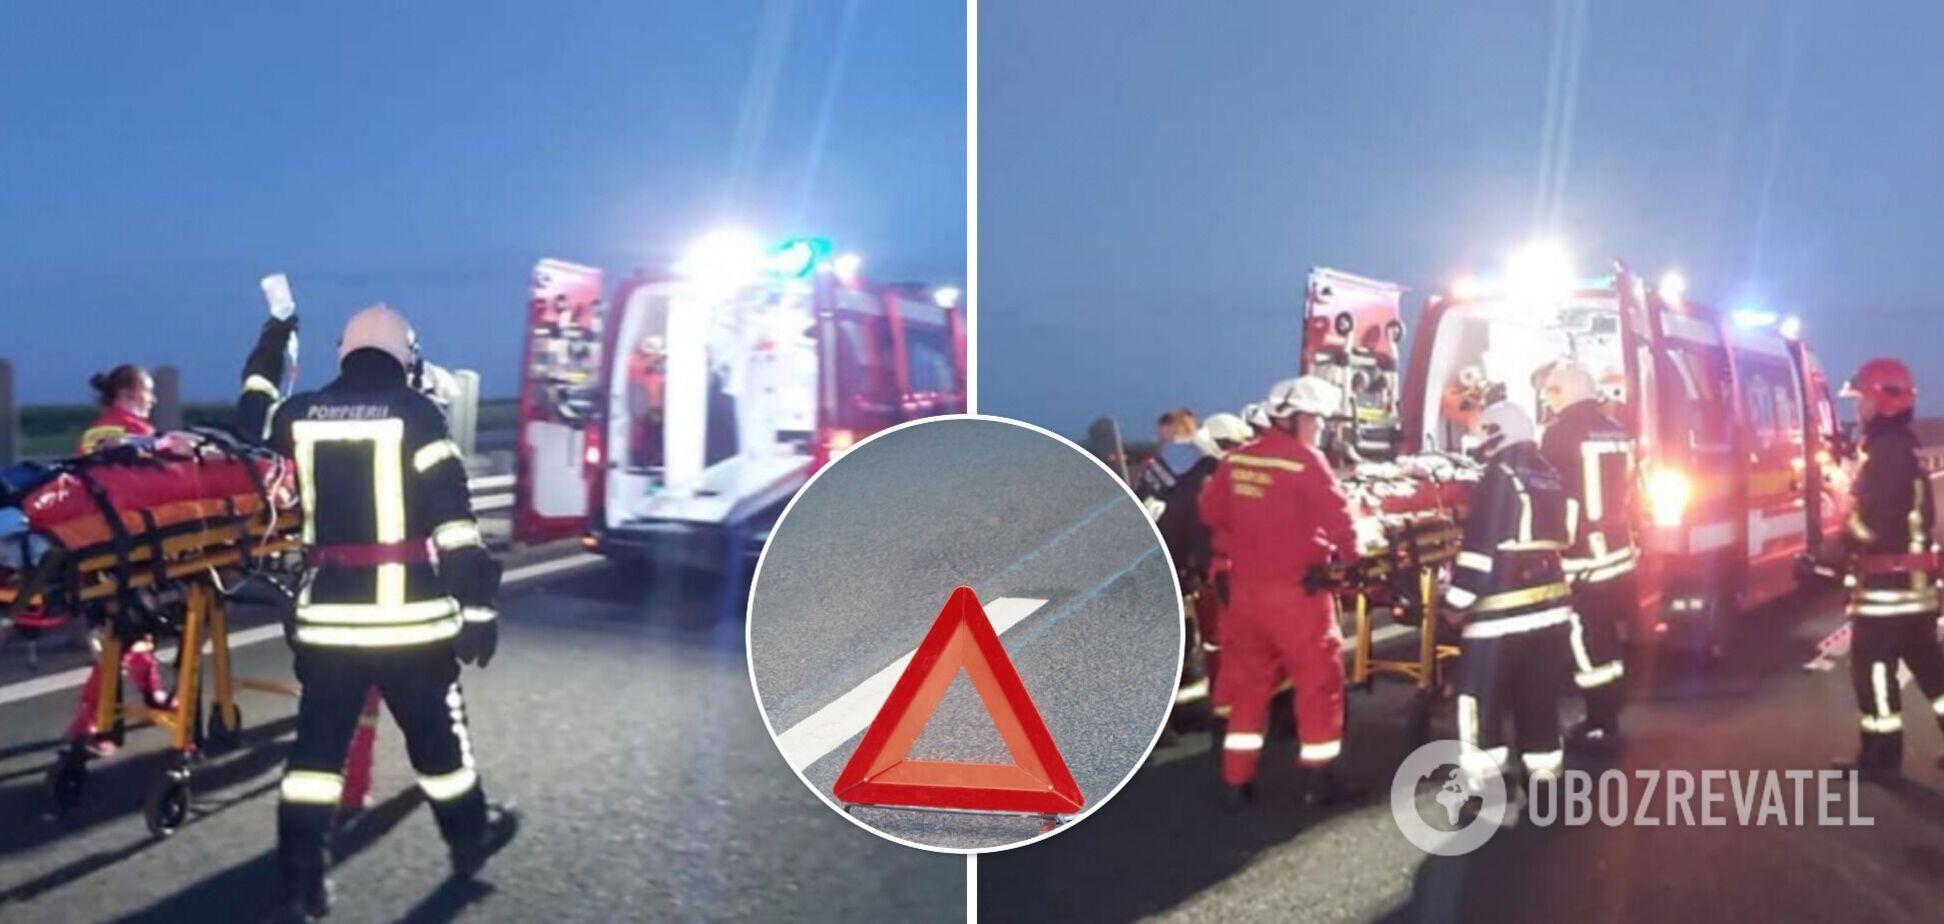 В Румынии автобус с украинцами попал в ДТП: 2 человека погибли, 16 – пострадали. Фото